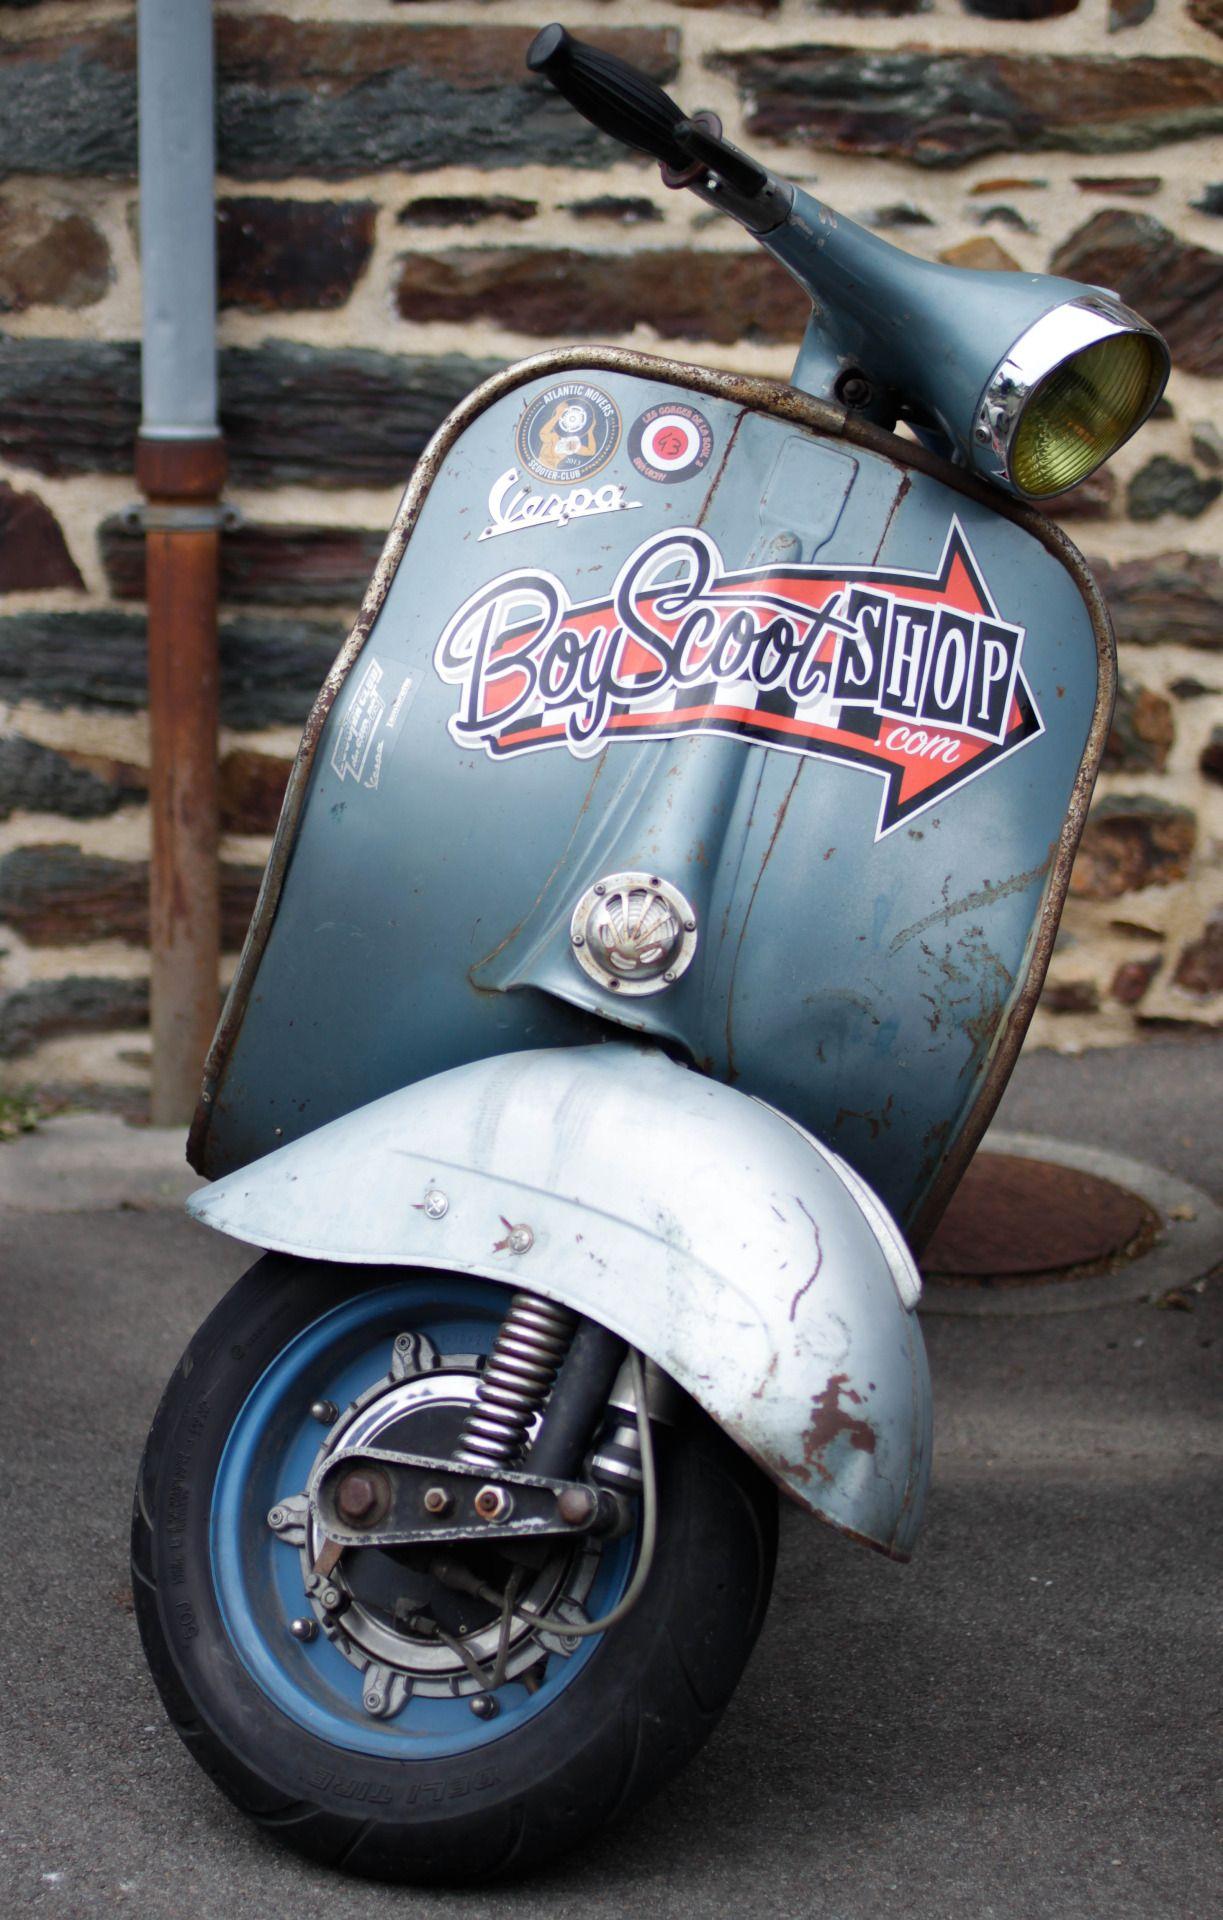 Theline Shop Nous Etions Au Breiz Ar Scoot Ce Weekend Www Theline Shop Com Vespa Lifestyle Goodtime Vespa Retro Vespa Scooters Vespa